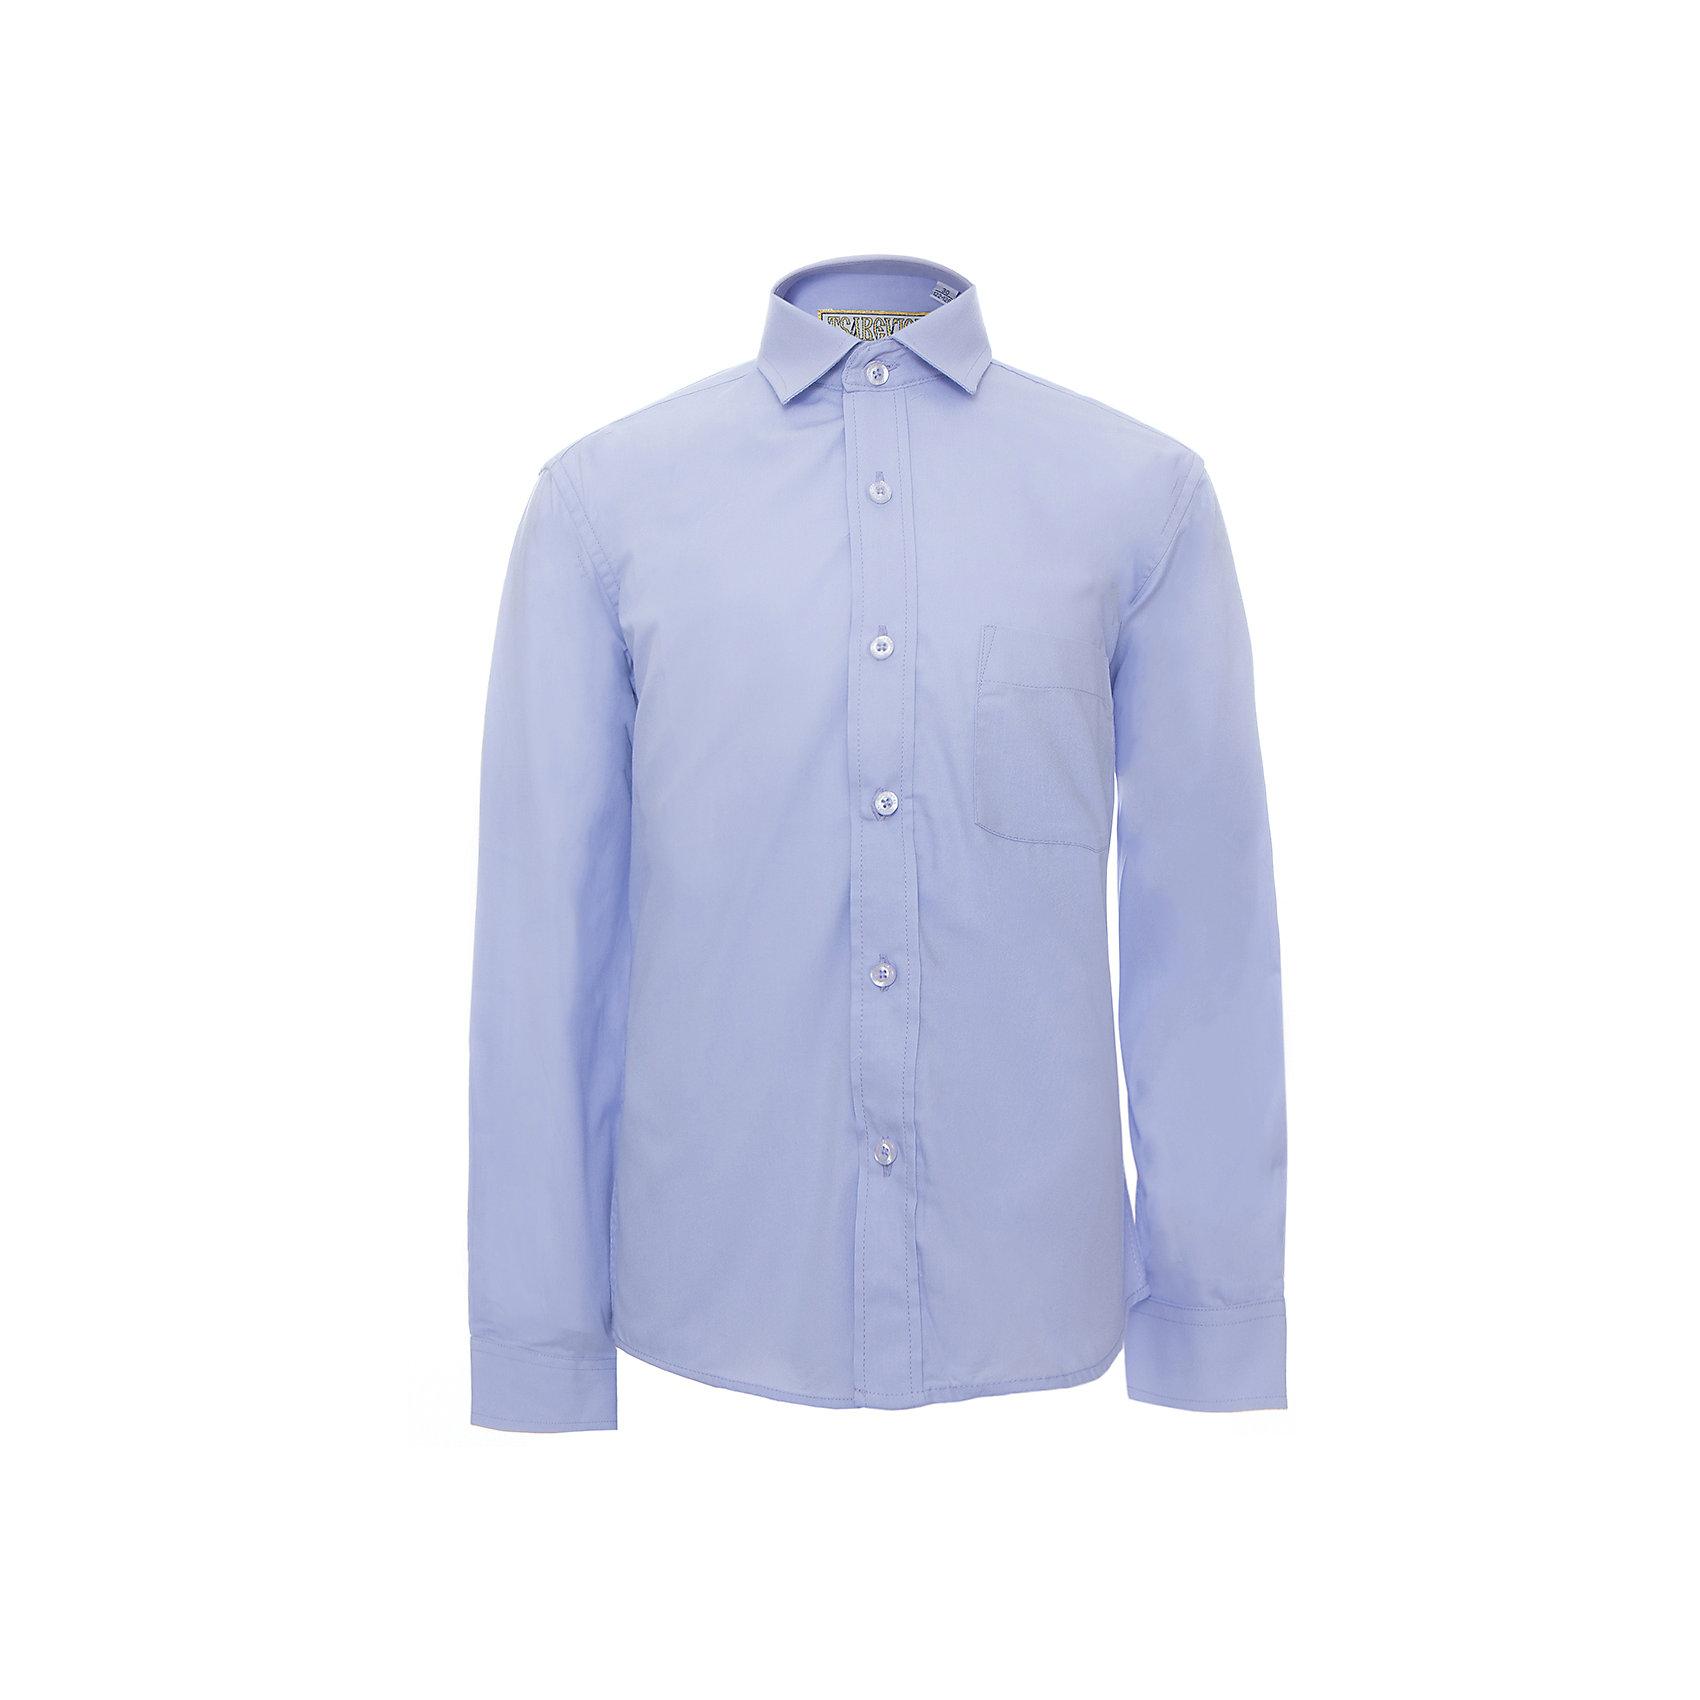 Рубашка для мальчика TsarevichБлузки и рубашки<br>Классическая рубашка - неотьемлемая вещь в гардеробе. Модель на пуговицах, с отложным воротником. Свободный покрой не стеснит движений и позволит чувствовать себя комфортно каждый день.  Состав 80 % хл. 20% П/Э<br><br>Ширина мм: 174<br>Глубина мм: 10<br>Высота мм: 169<br>Вес г: 157<br>Цвет: фиолетовый<br>Возраст от месяцев: 120<br>Возраст до месяцев: 132<br>Пол: Мужской<br>Возраст: Детский<br>Размер: 140/146,128/134,134/140,146/152,146/152,152/158,152/158,158/164,164/170,122/128<br>SKU: 4749348